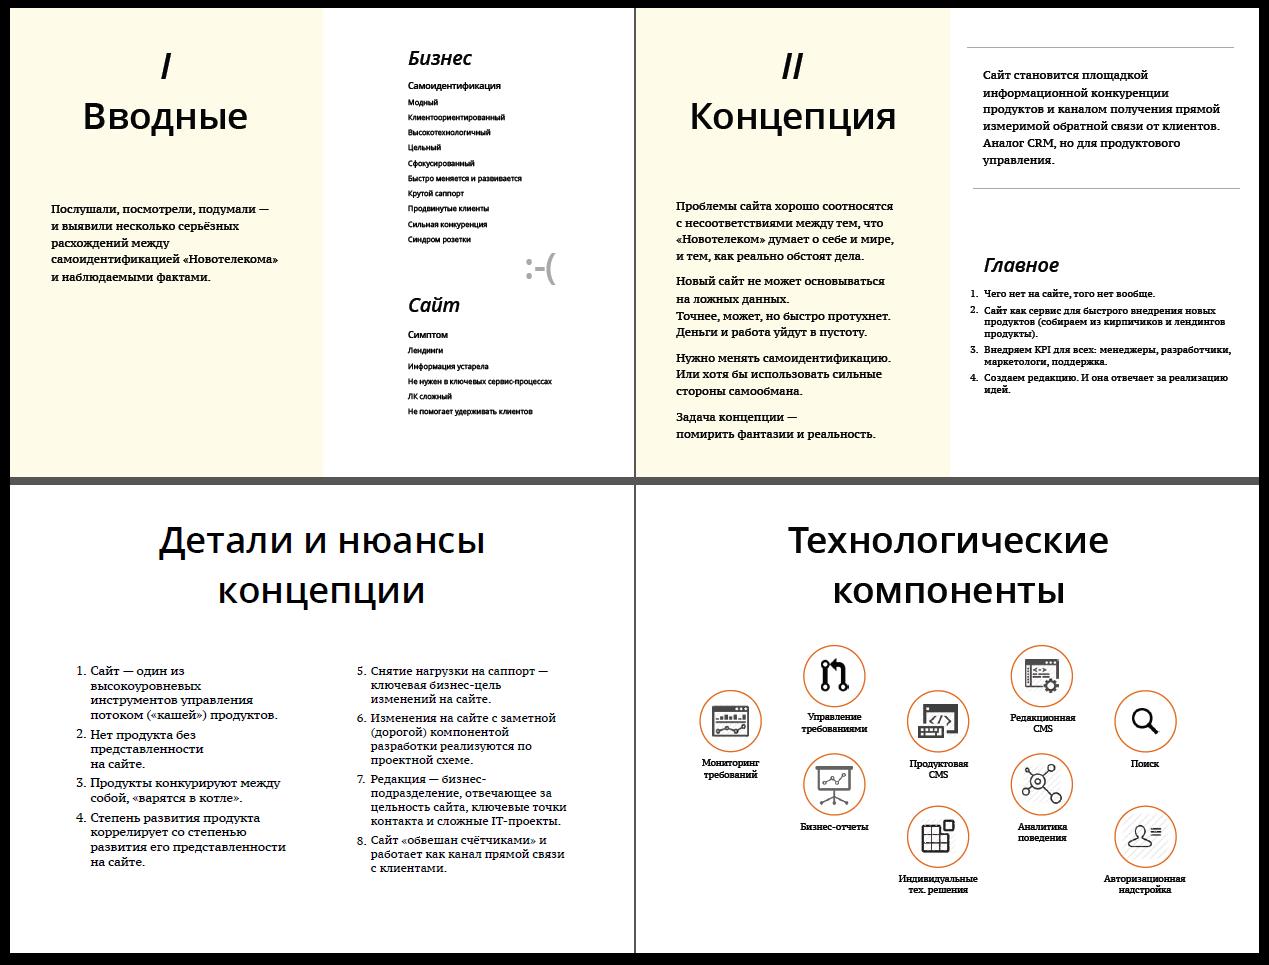 SobakaPav.ru | Список решений для группированных проблем